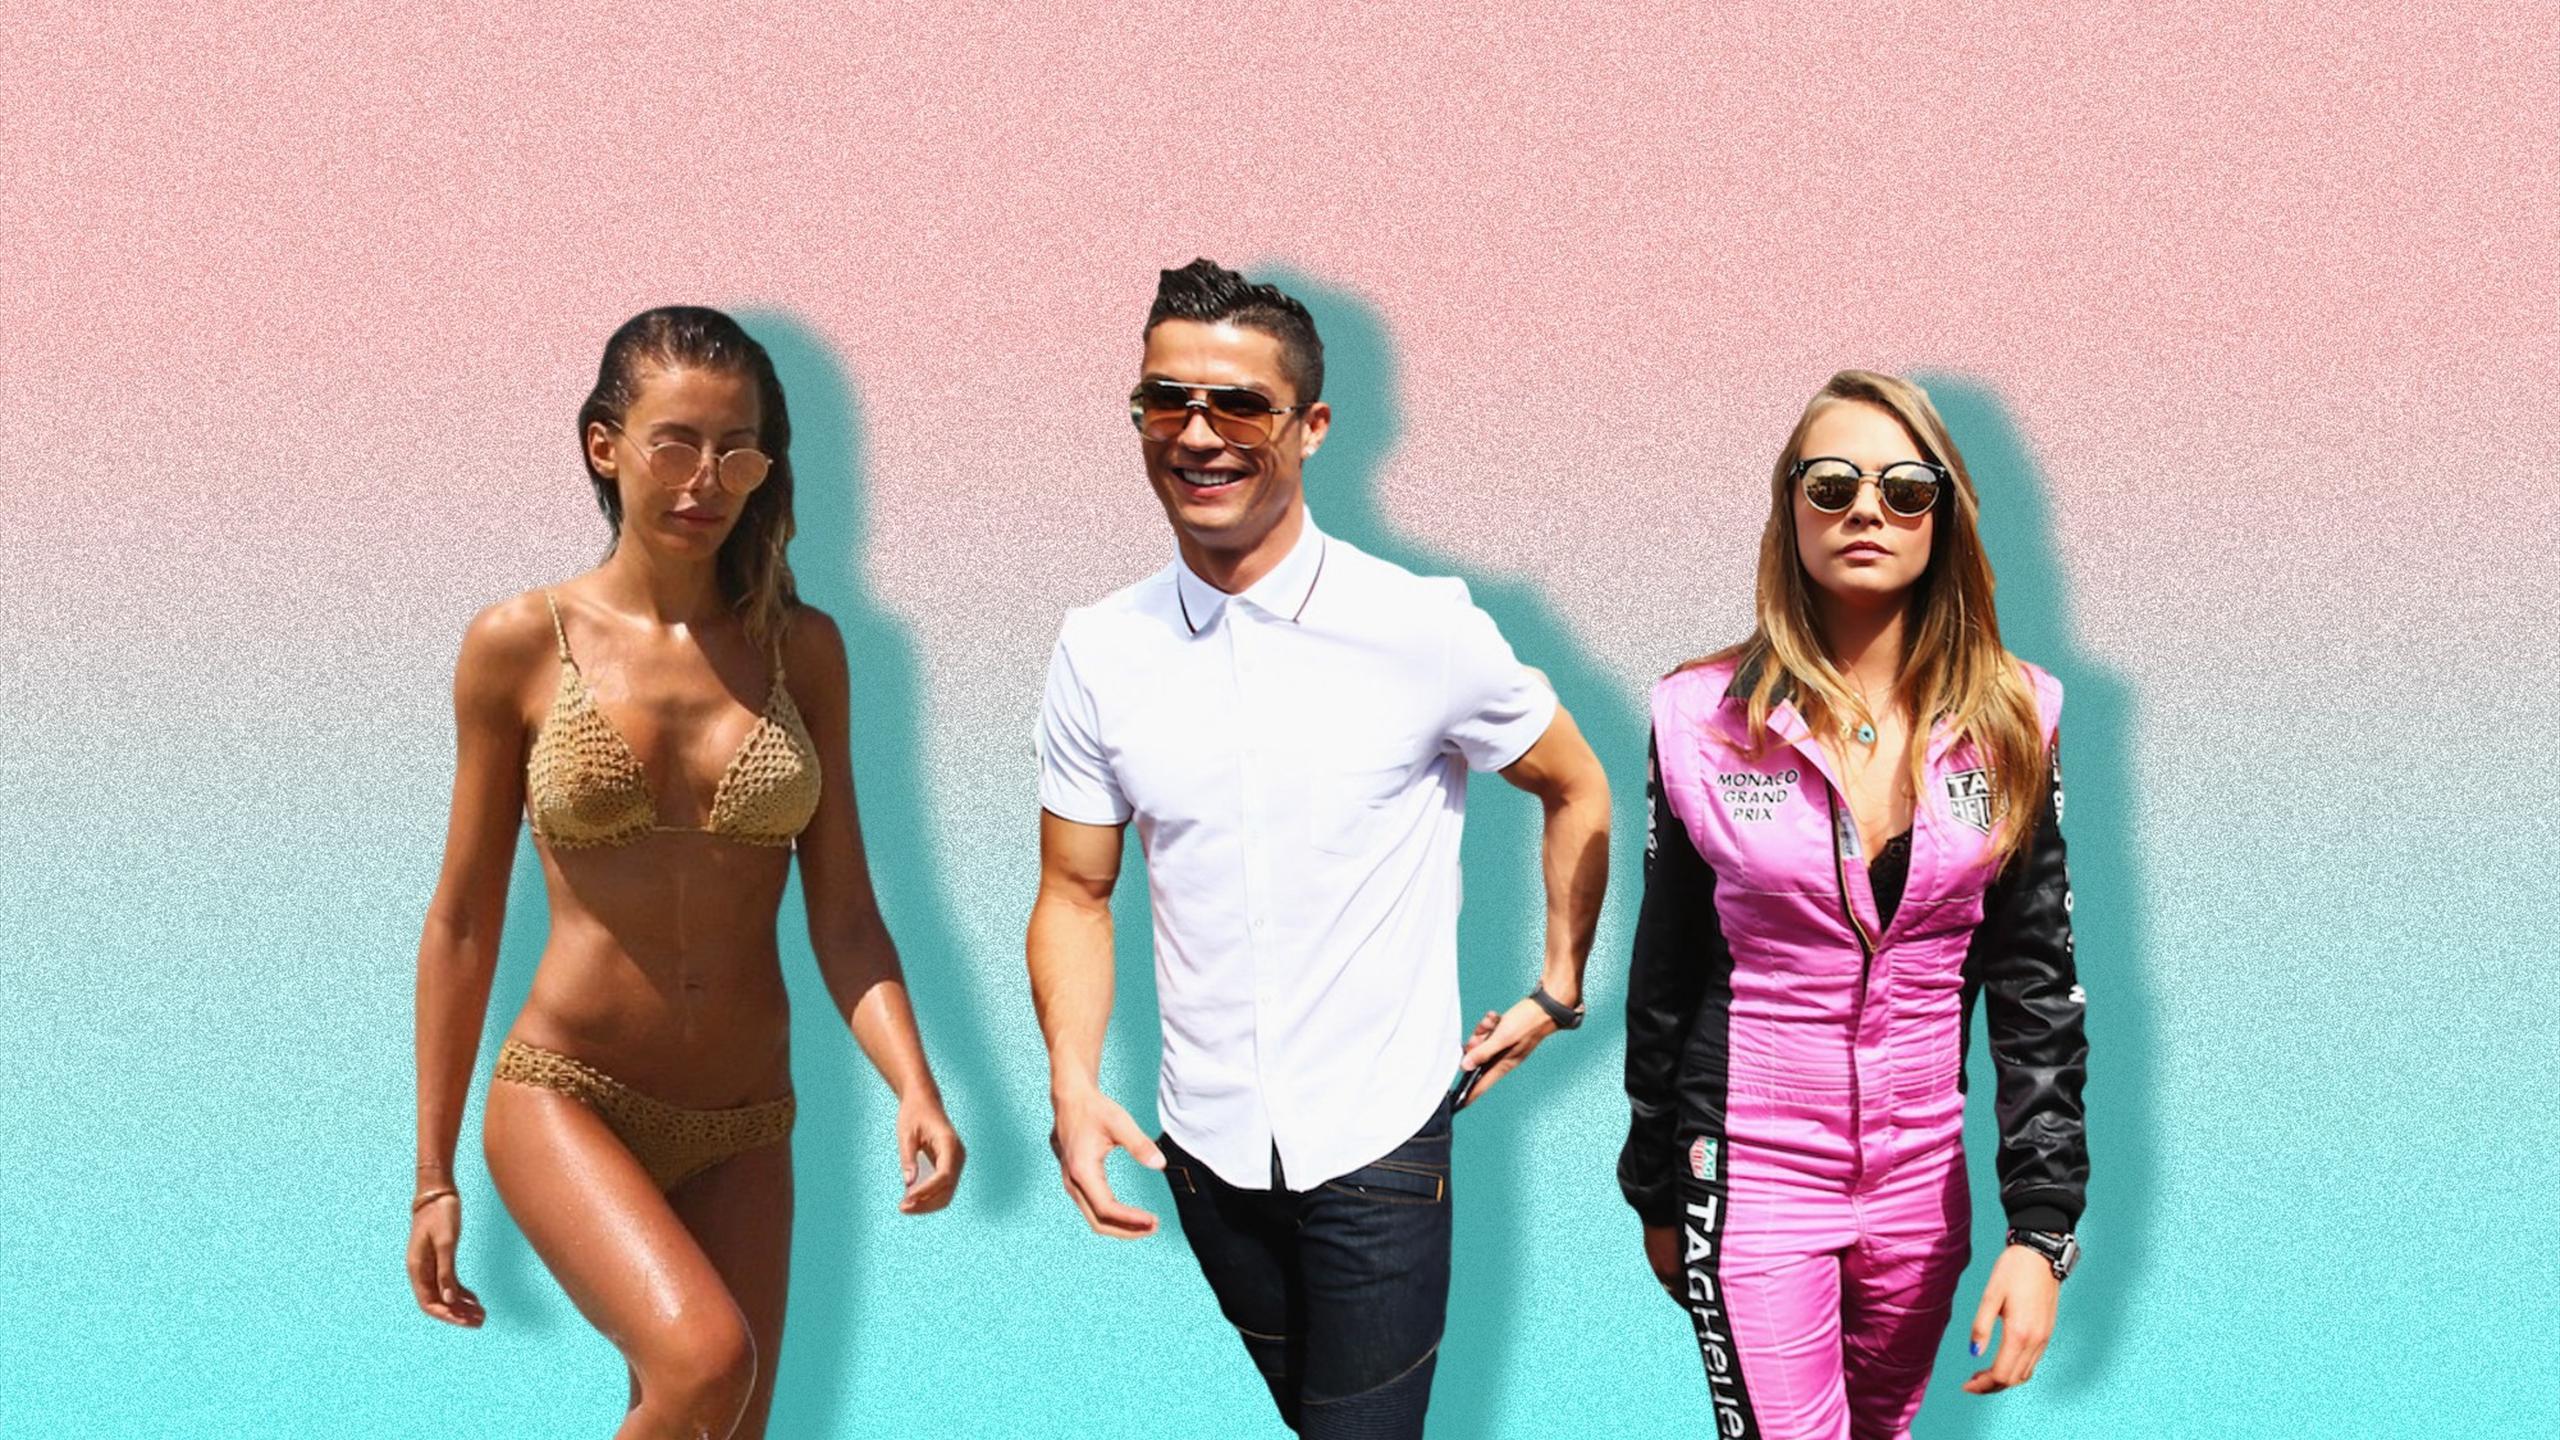 Кристиано роналдо и ирина шайк занимаются сексом на видео